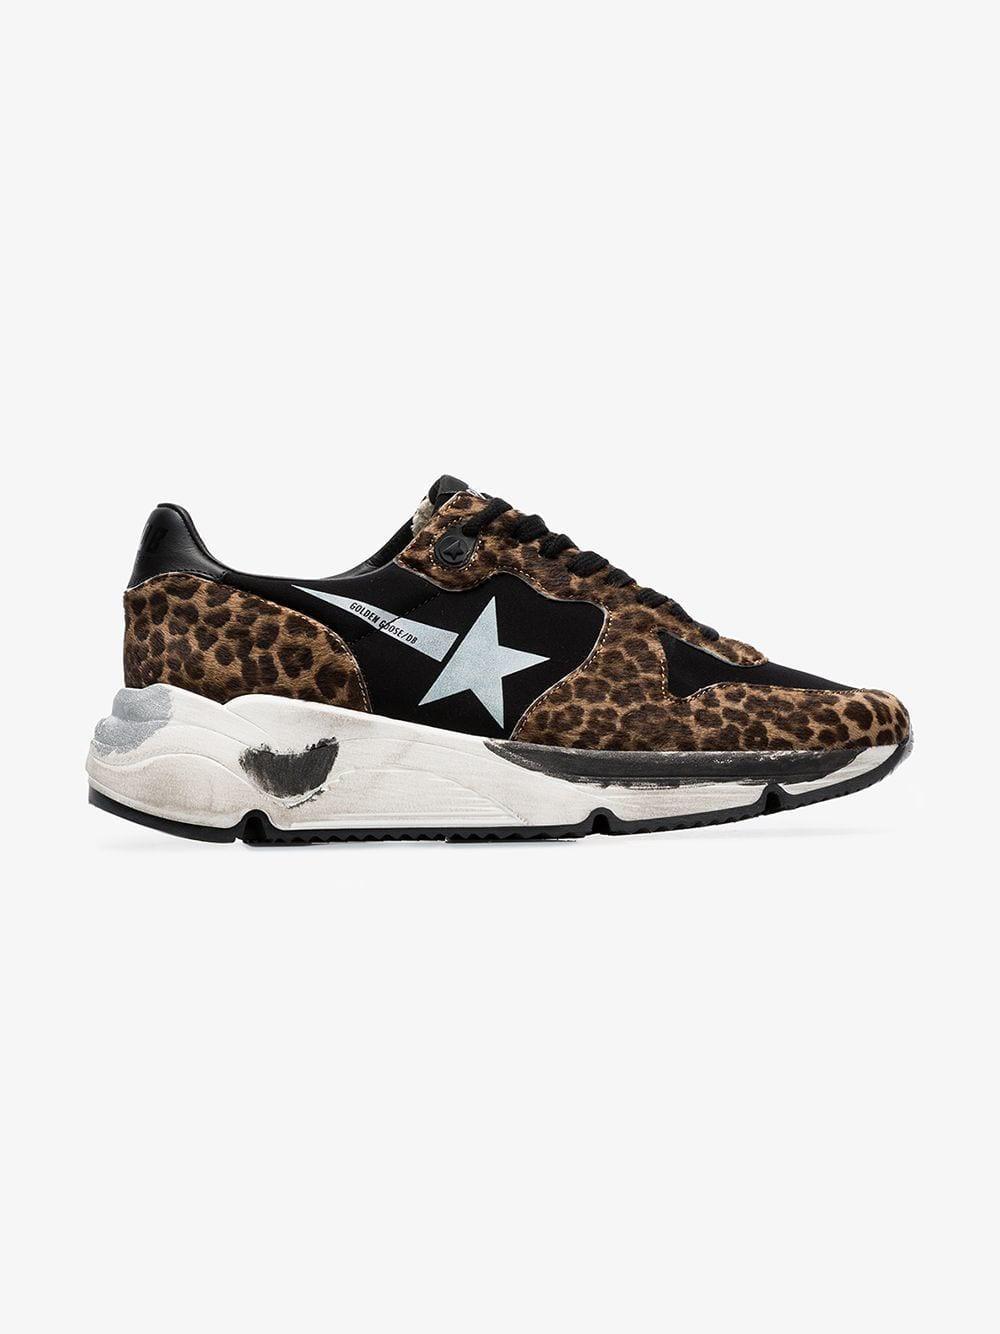 Golden Goose Deluxe Brand Golden Goose black Running Sole leopard print low-top leather sneakers